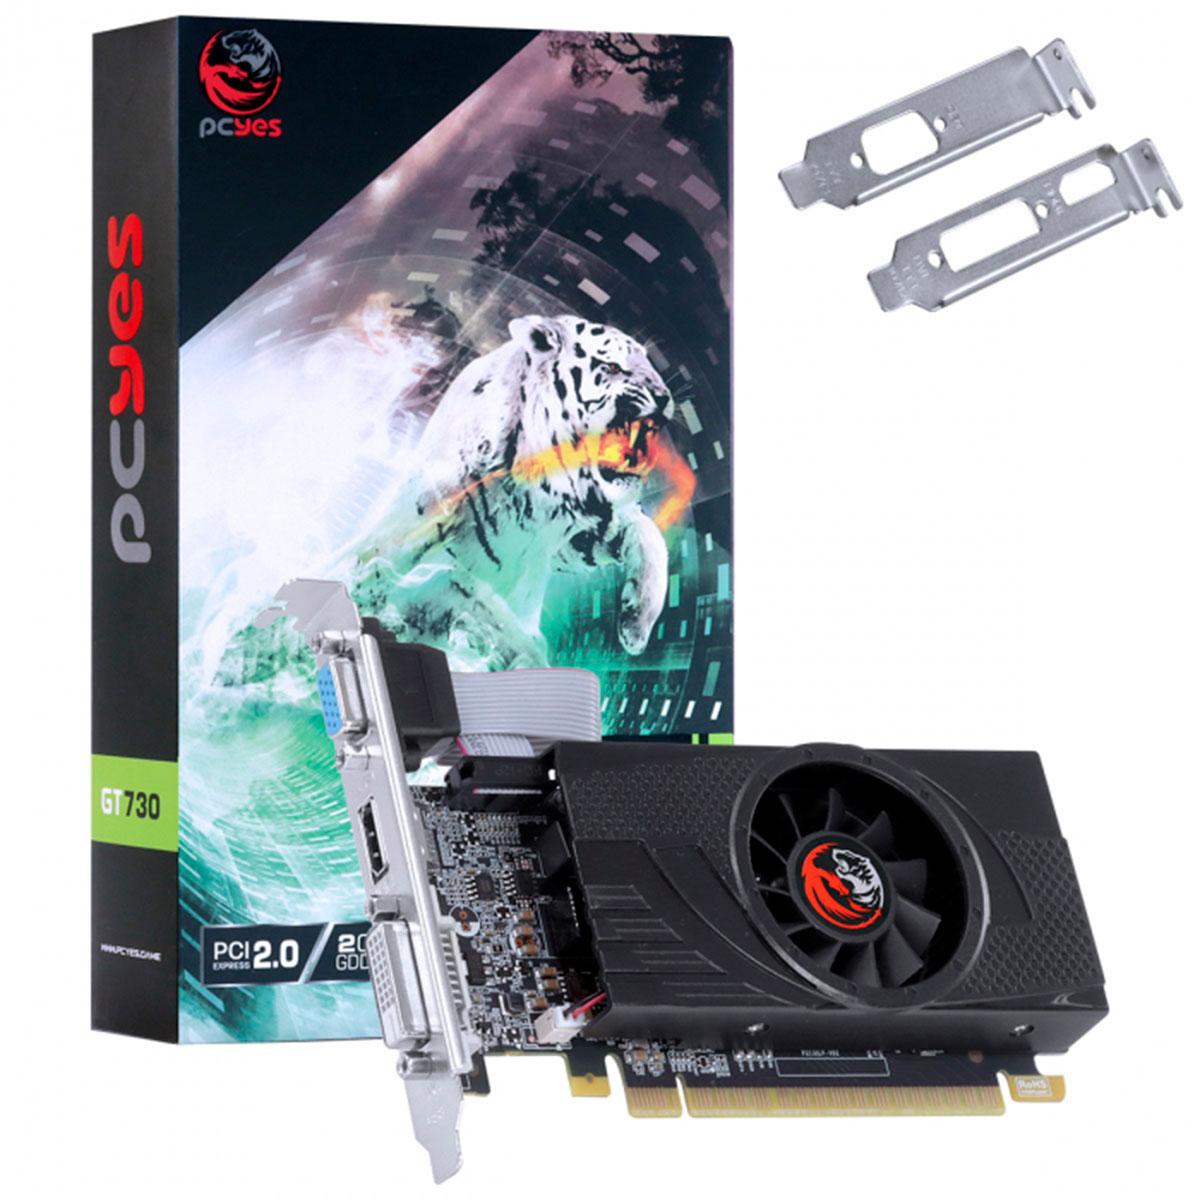 Placa de Vídeo PCYes GT 730 2GB GDDR5 64 Bits - PA730GT6402D5LP